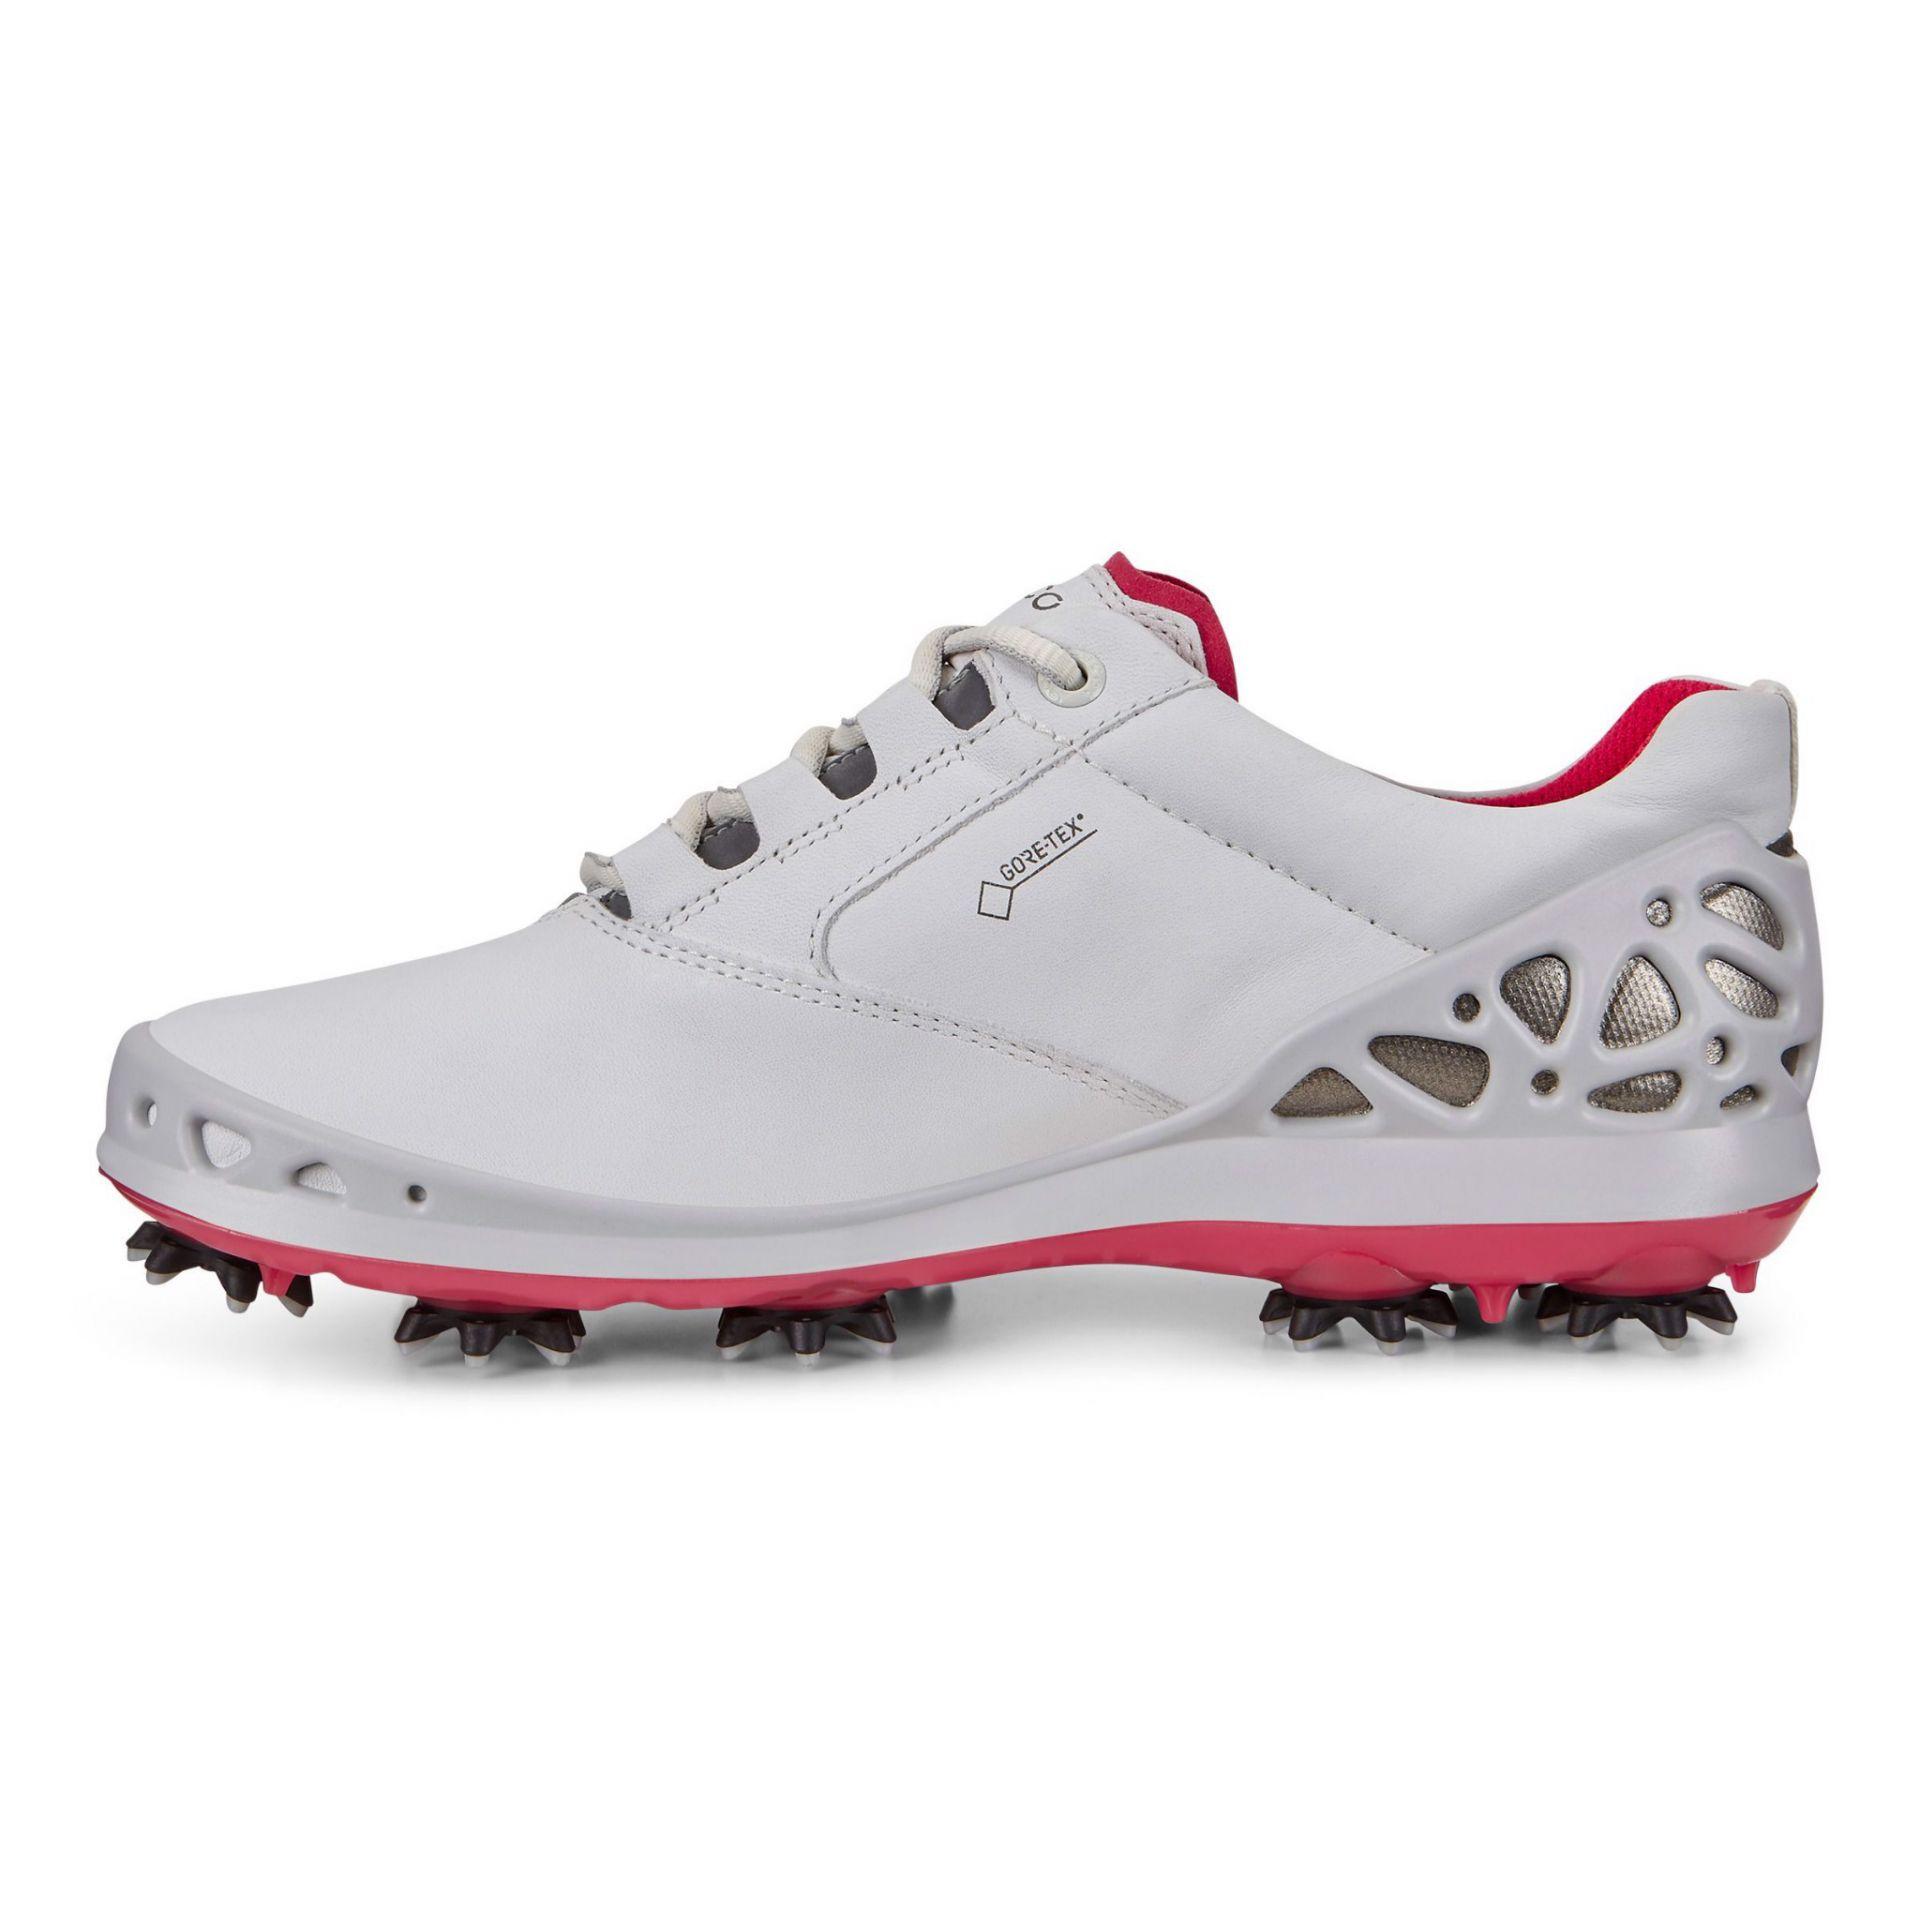 Giày chơi golf ECCO nữ Cage 2 phiên bản